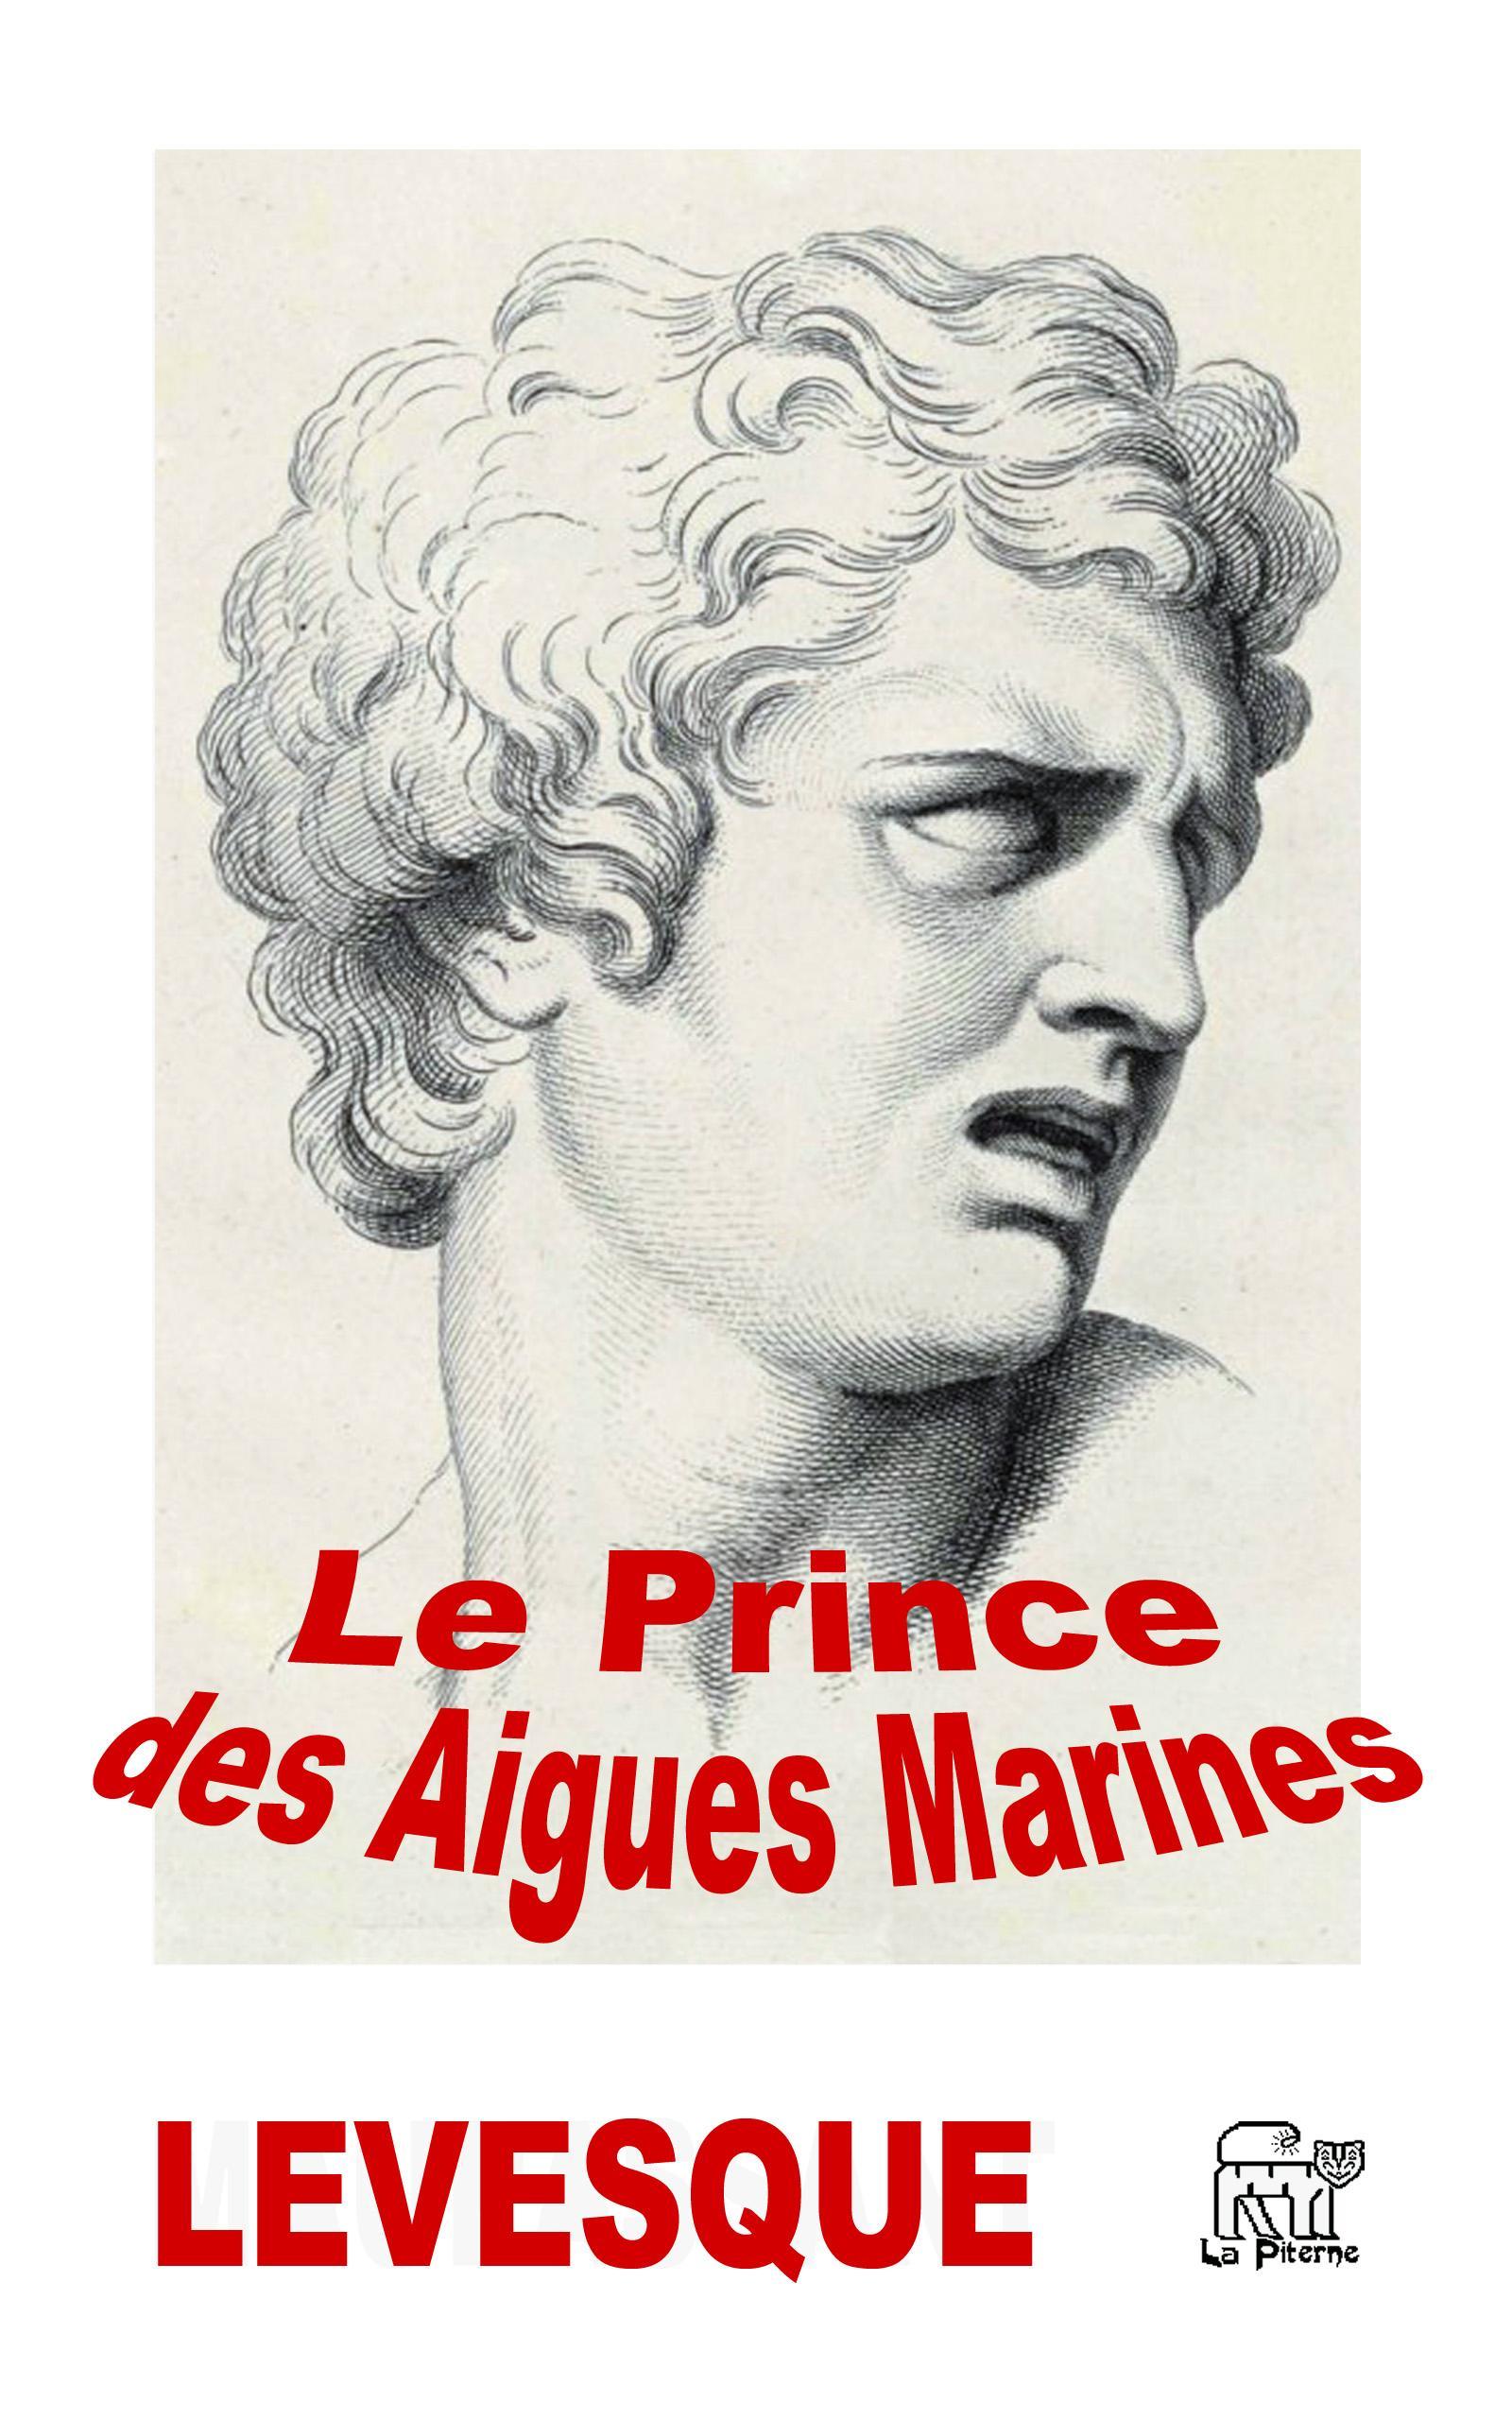 Le Prince des Aigues Marines